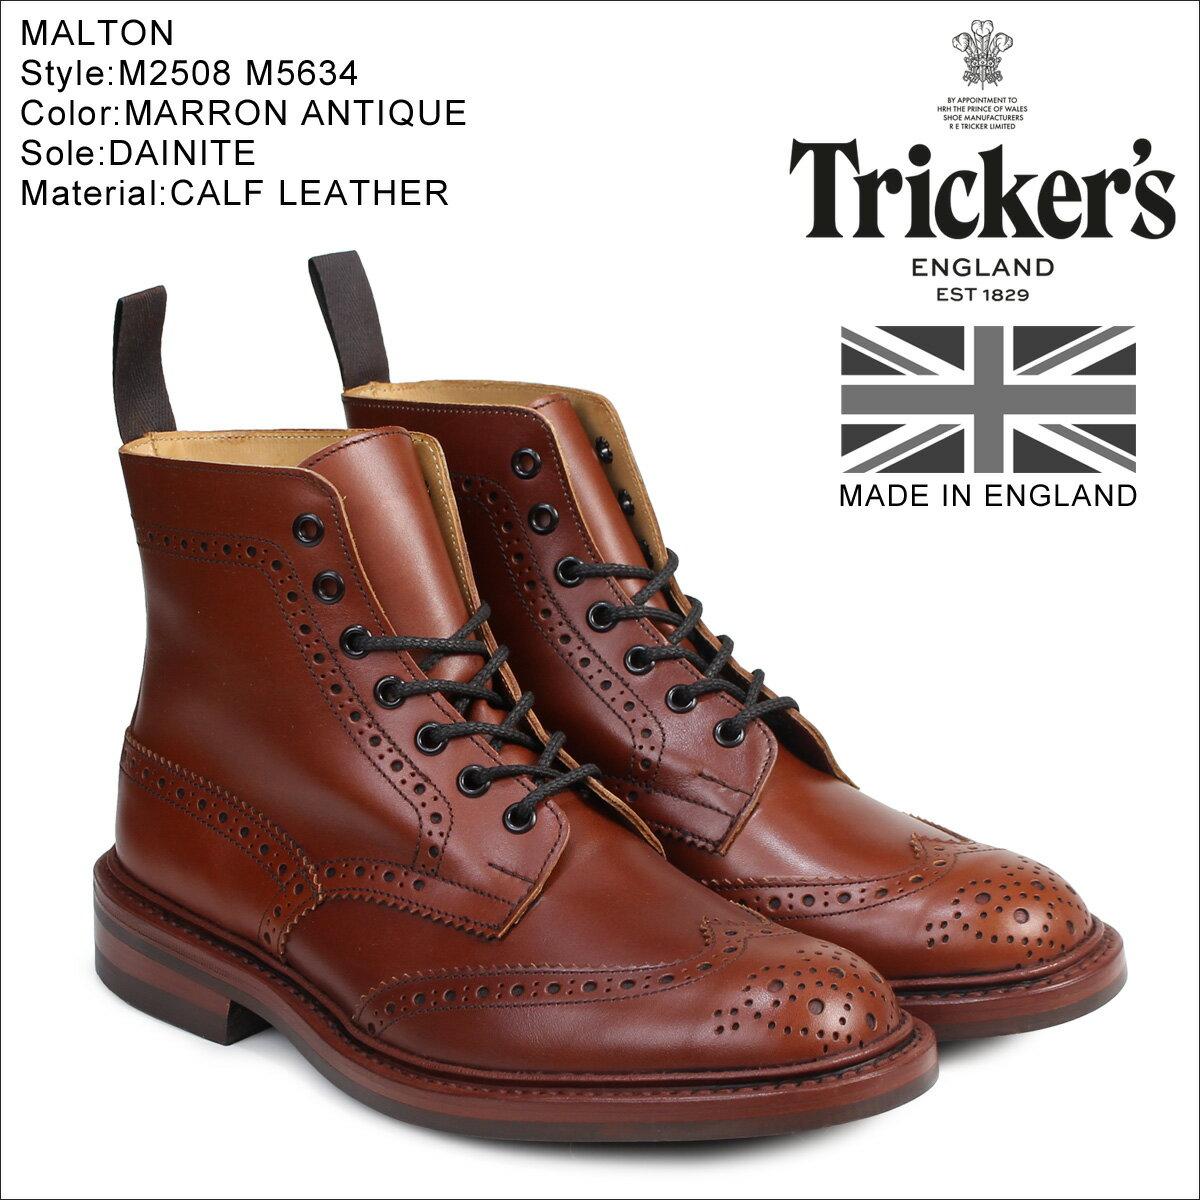 Tricker's トリッカーズ カントリーブーツ MALTON M2508 M5634 5ワイズ メンズ [予約商品 2/24頃入荷予定 追加入荷]